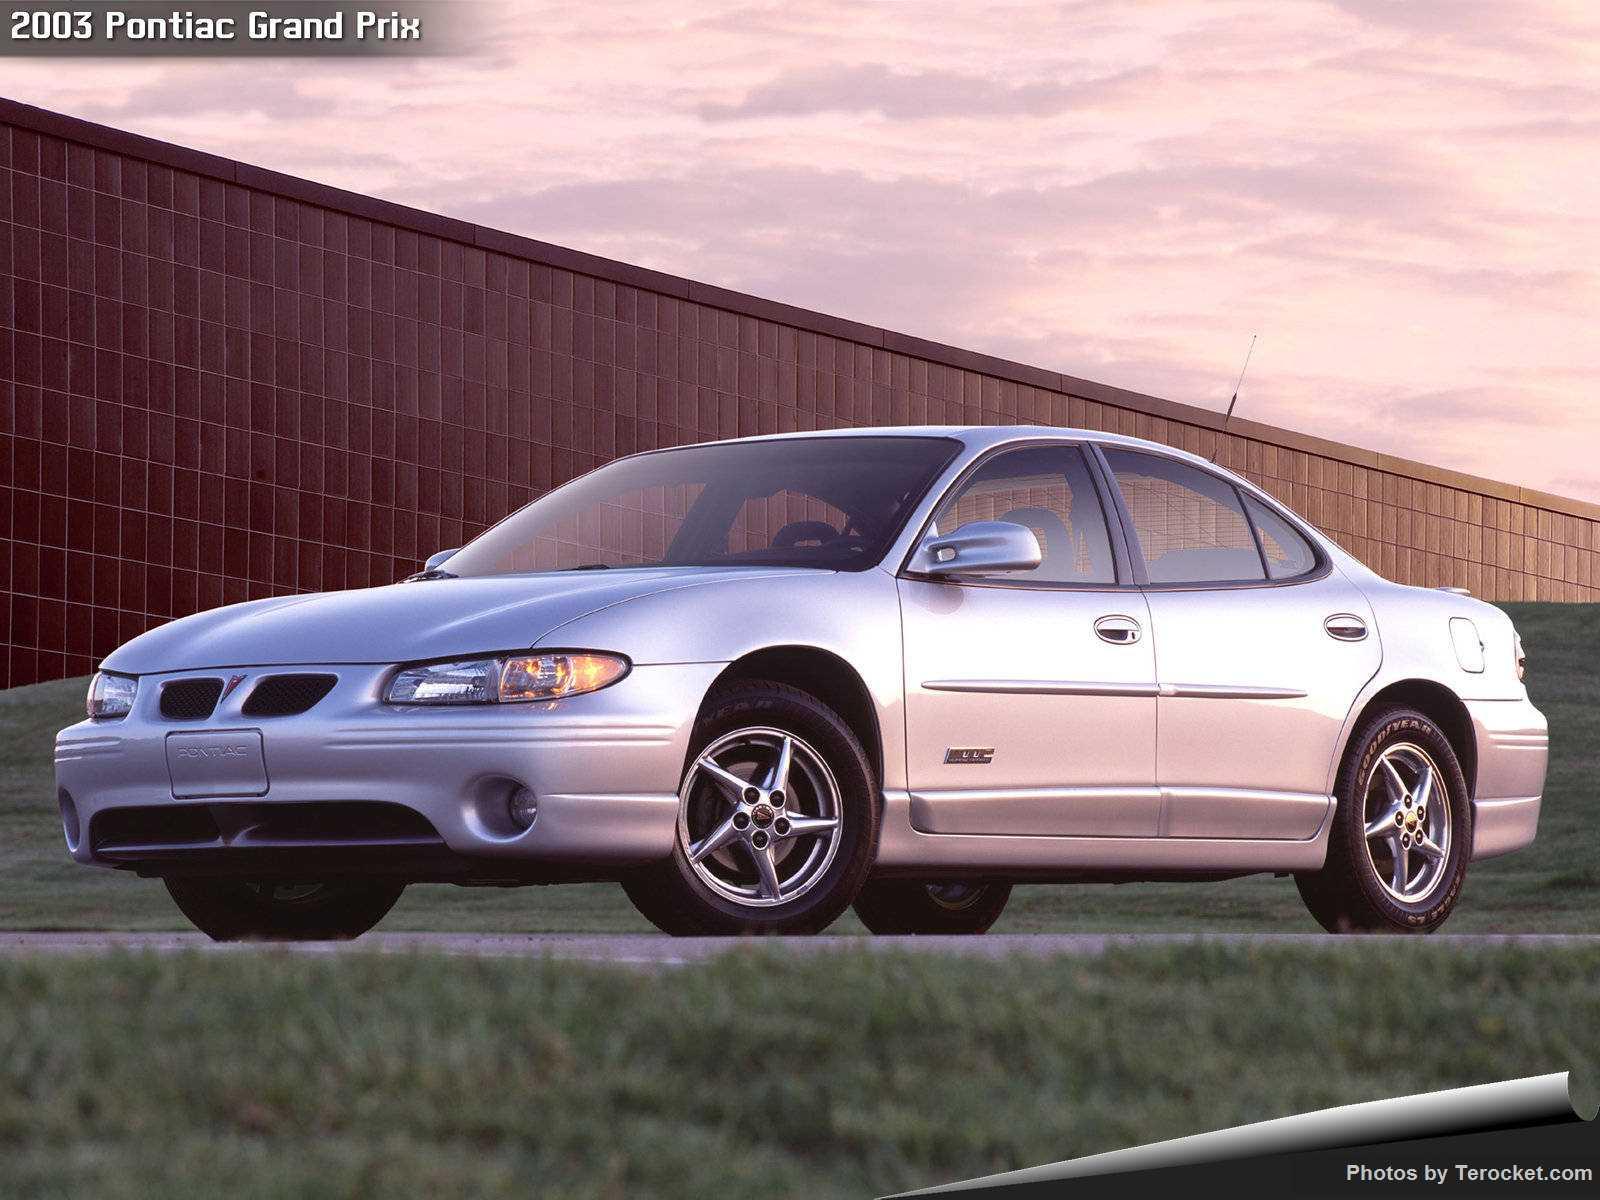 Hình ảnh xe ô tô Pontiac Grand Prix 2003 & nội ngoại thất